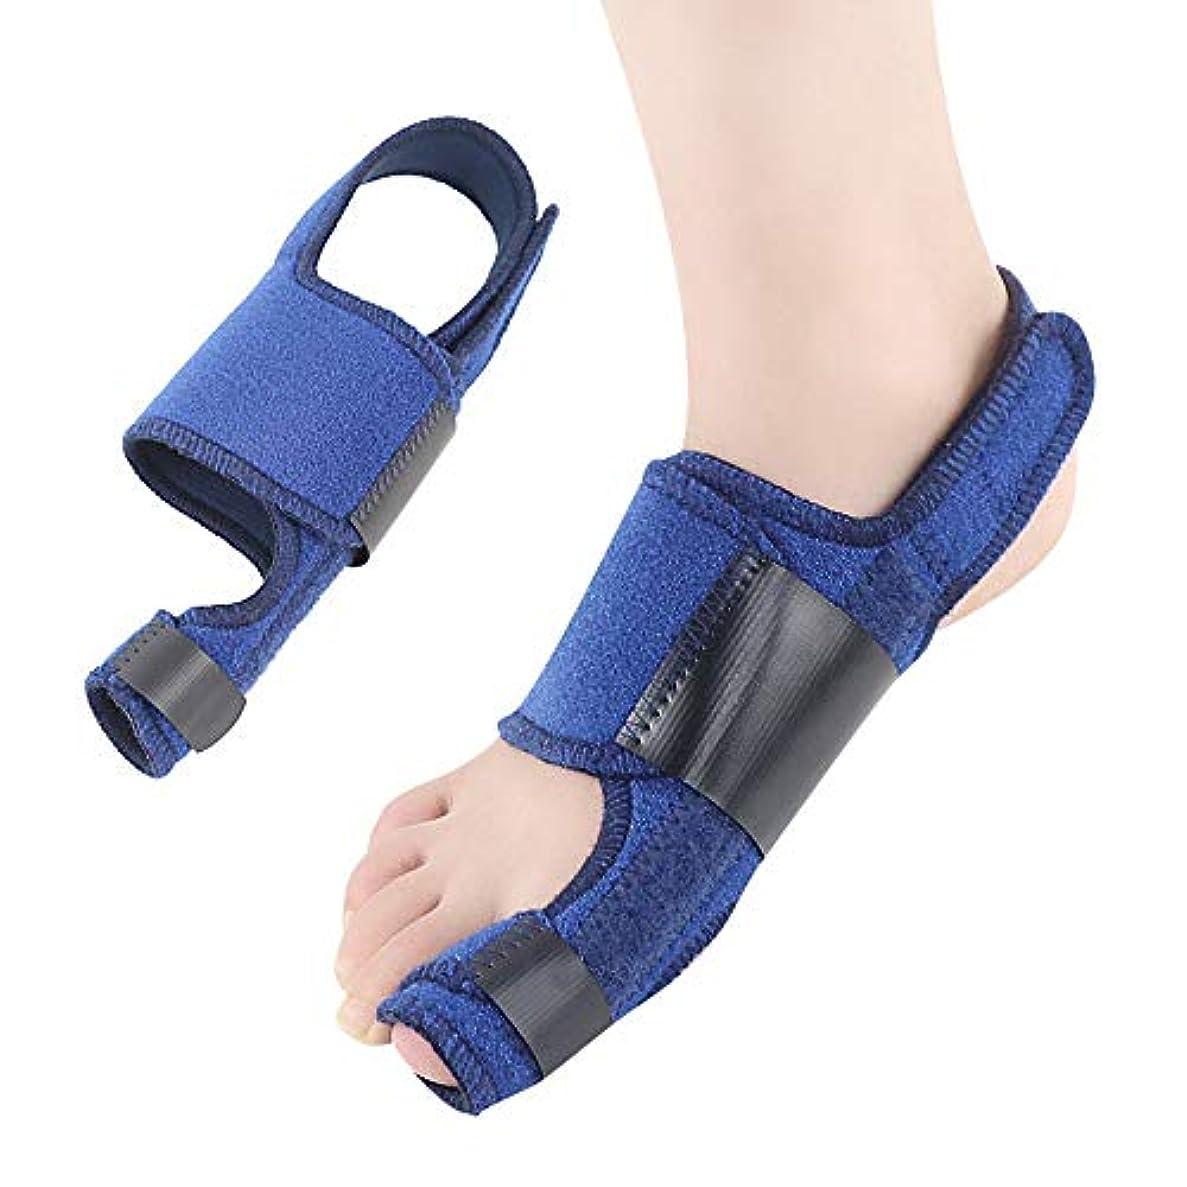 前兆適切に批判的に外反母趾足指セパレーターは足指重複嚢胞通気性吸収汗ワンサイズを防止し、ヨガ後の痛みと変形を軽減